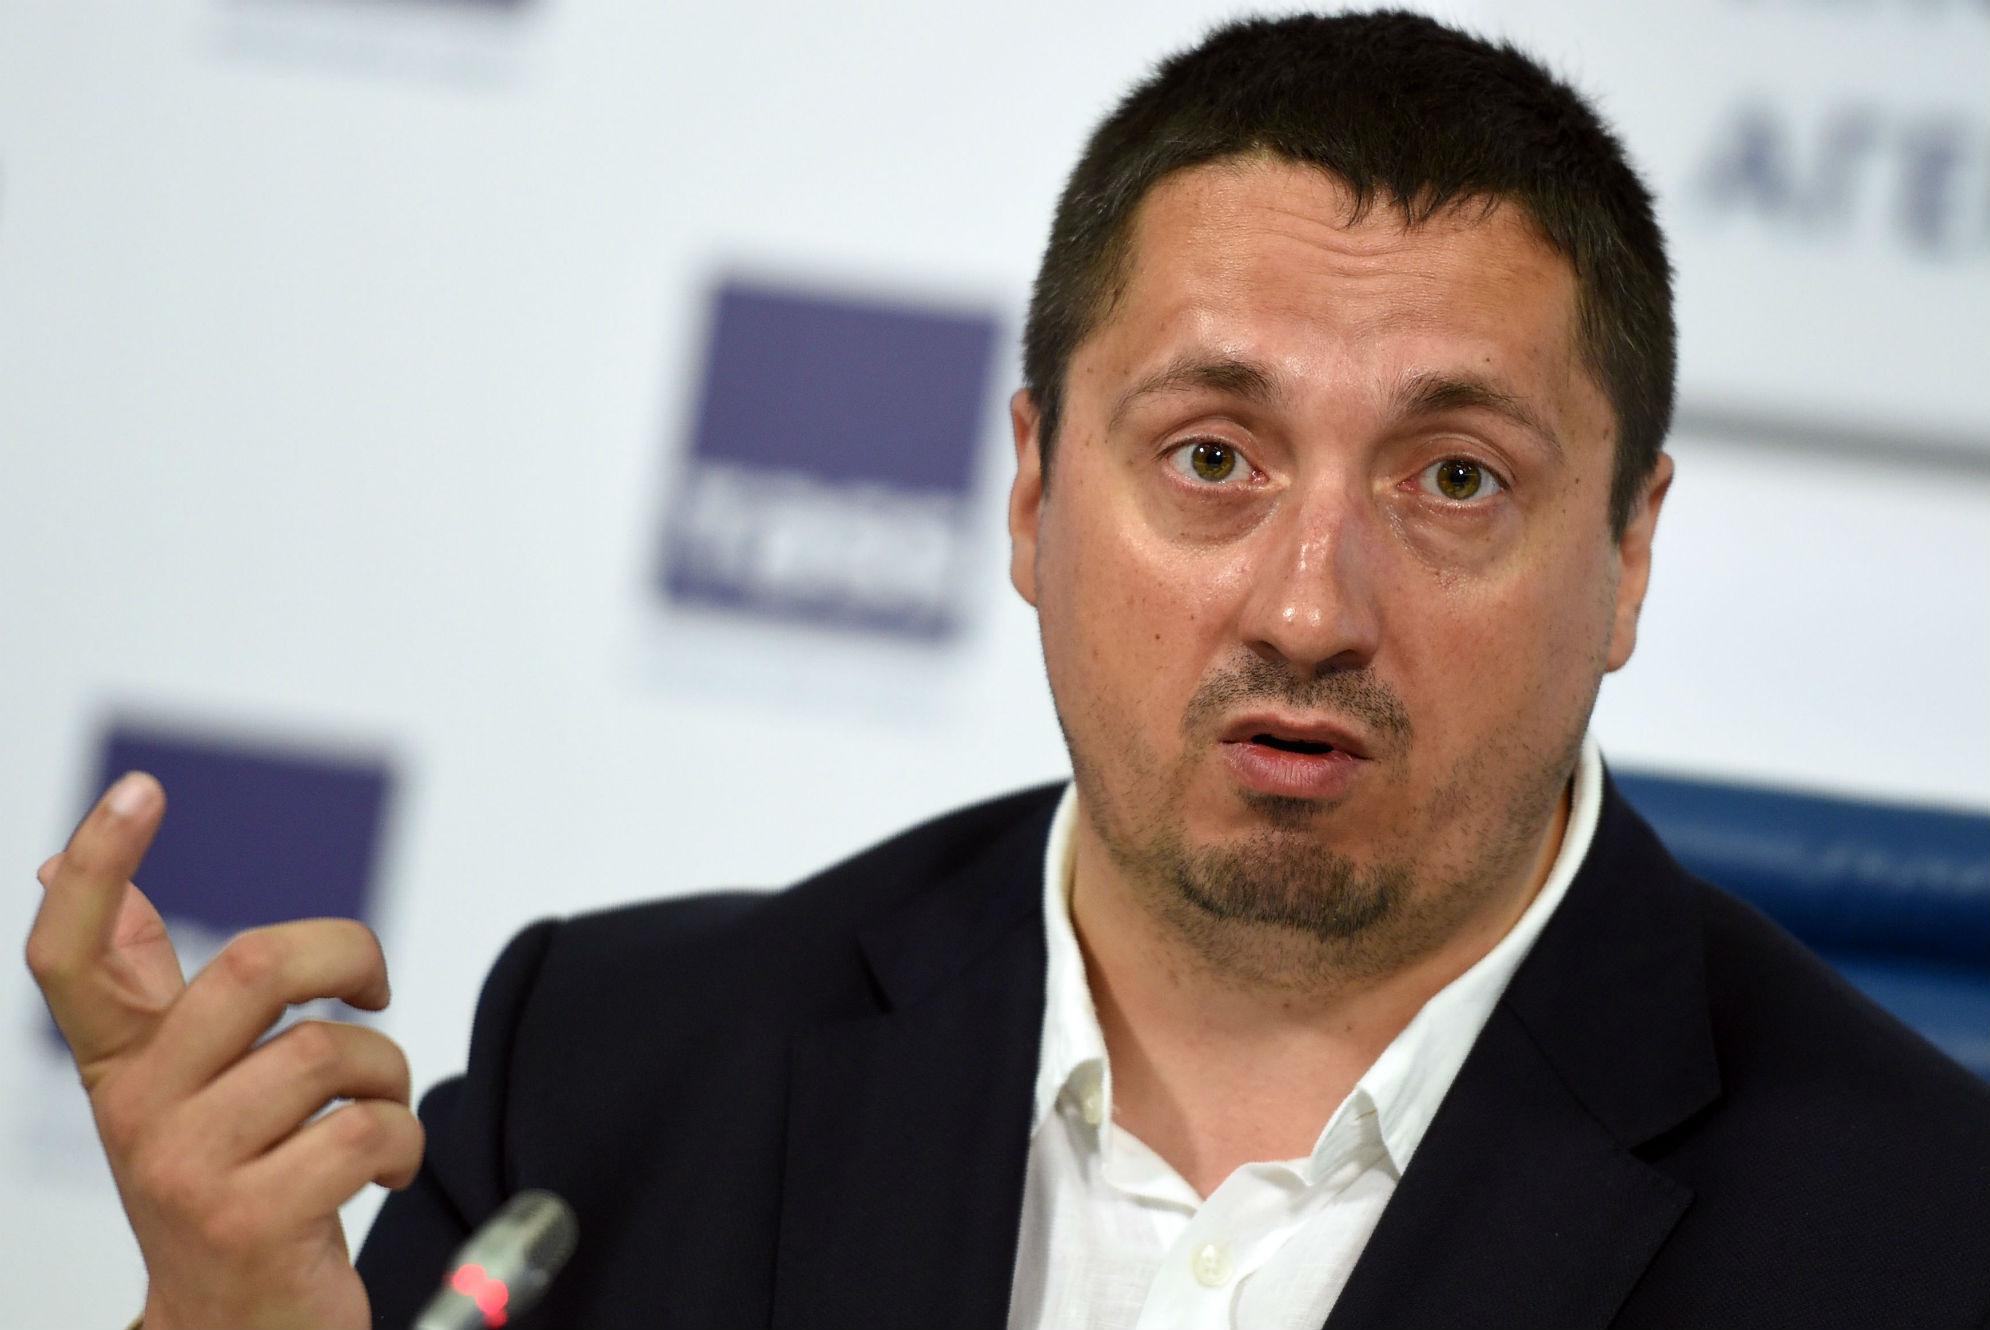 Alexander Shprygin Russian fan group leader